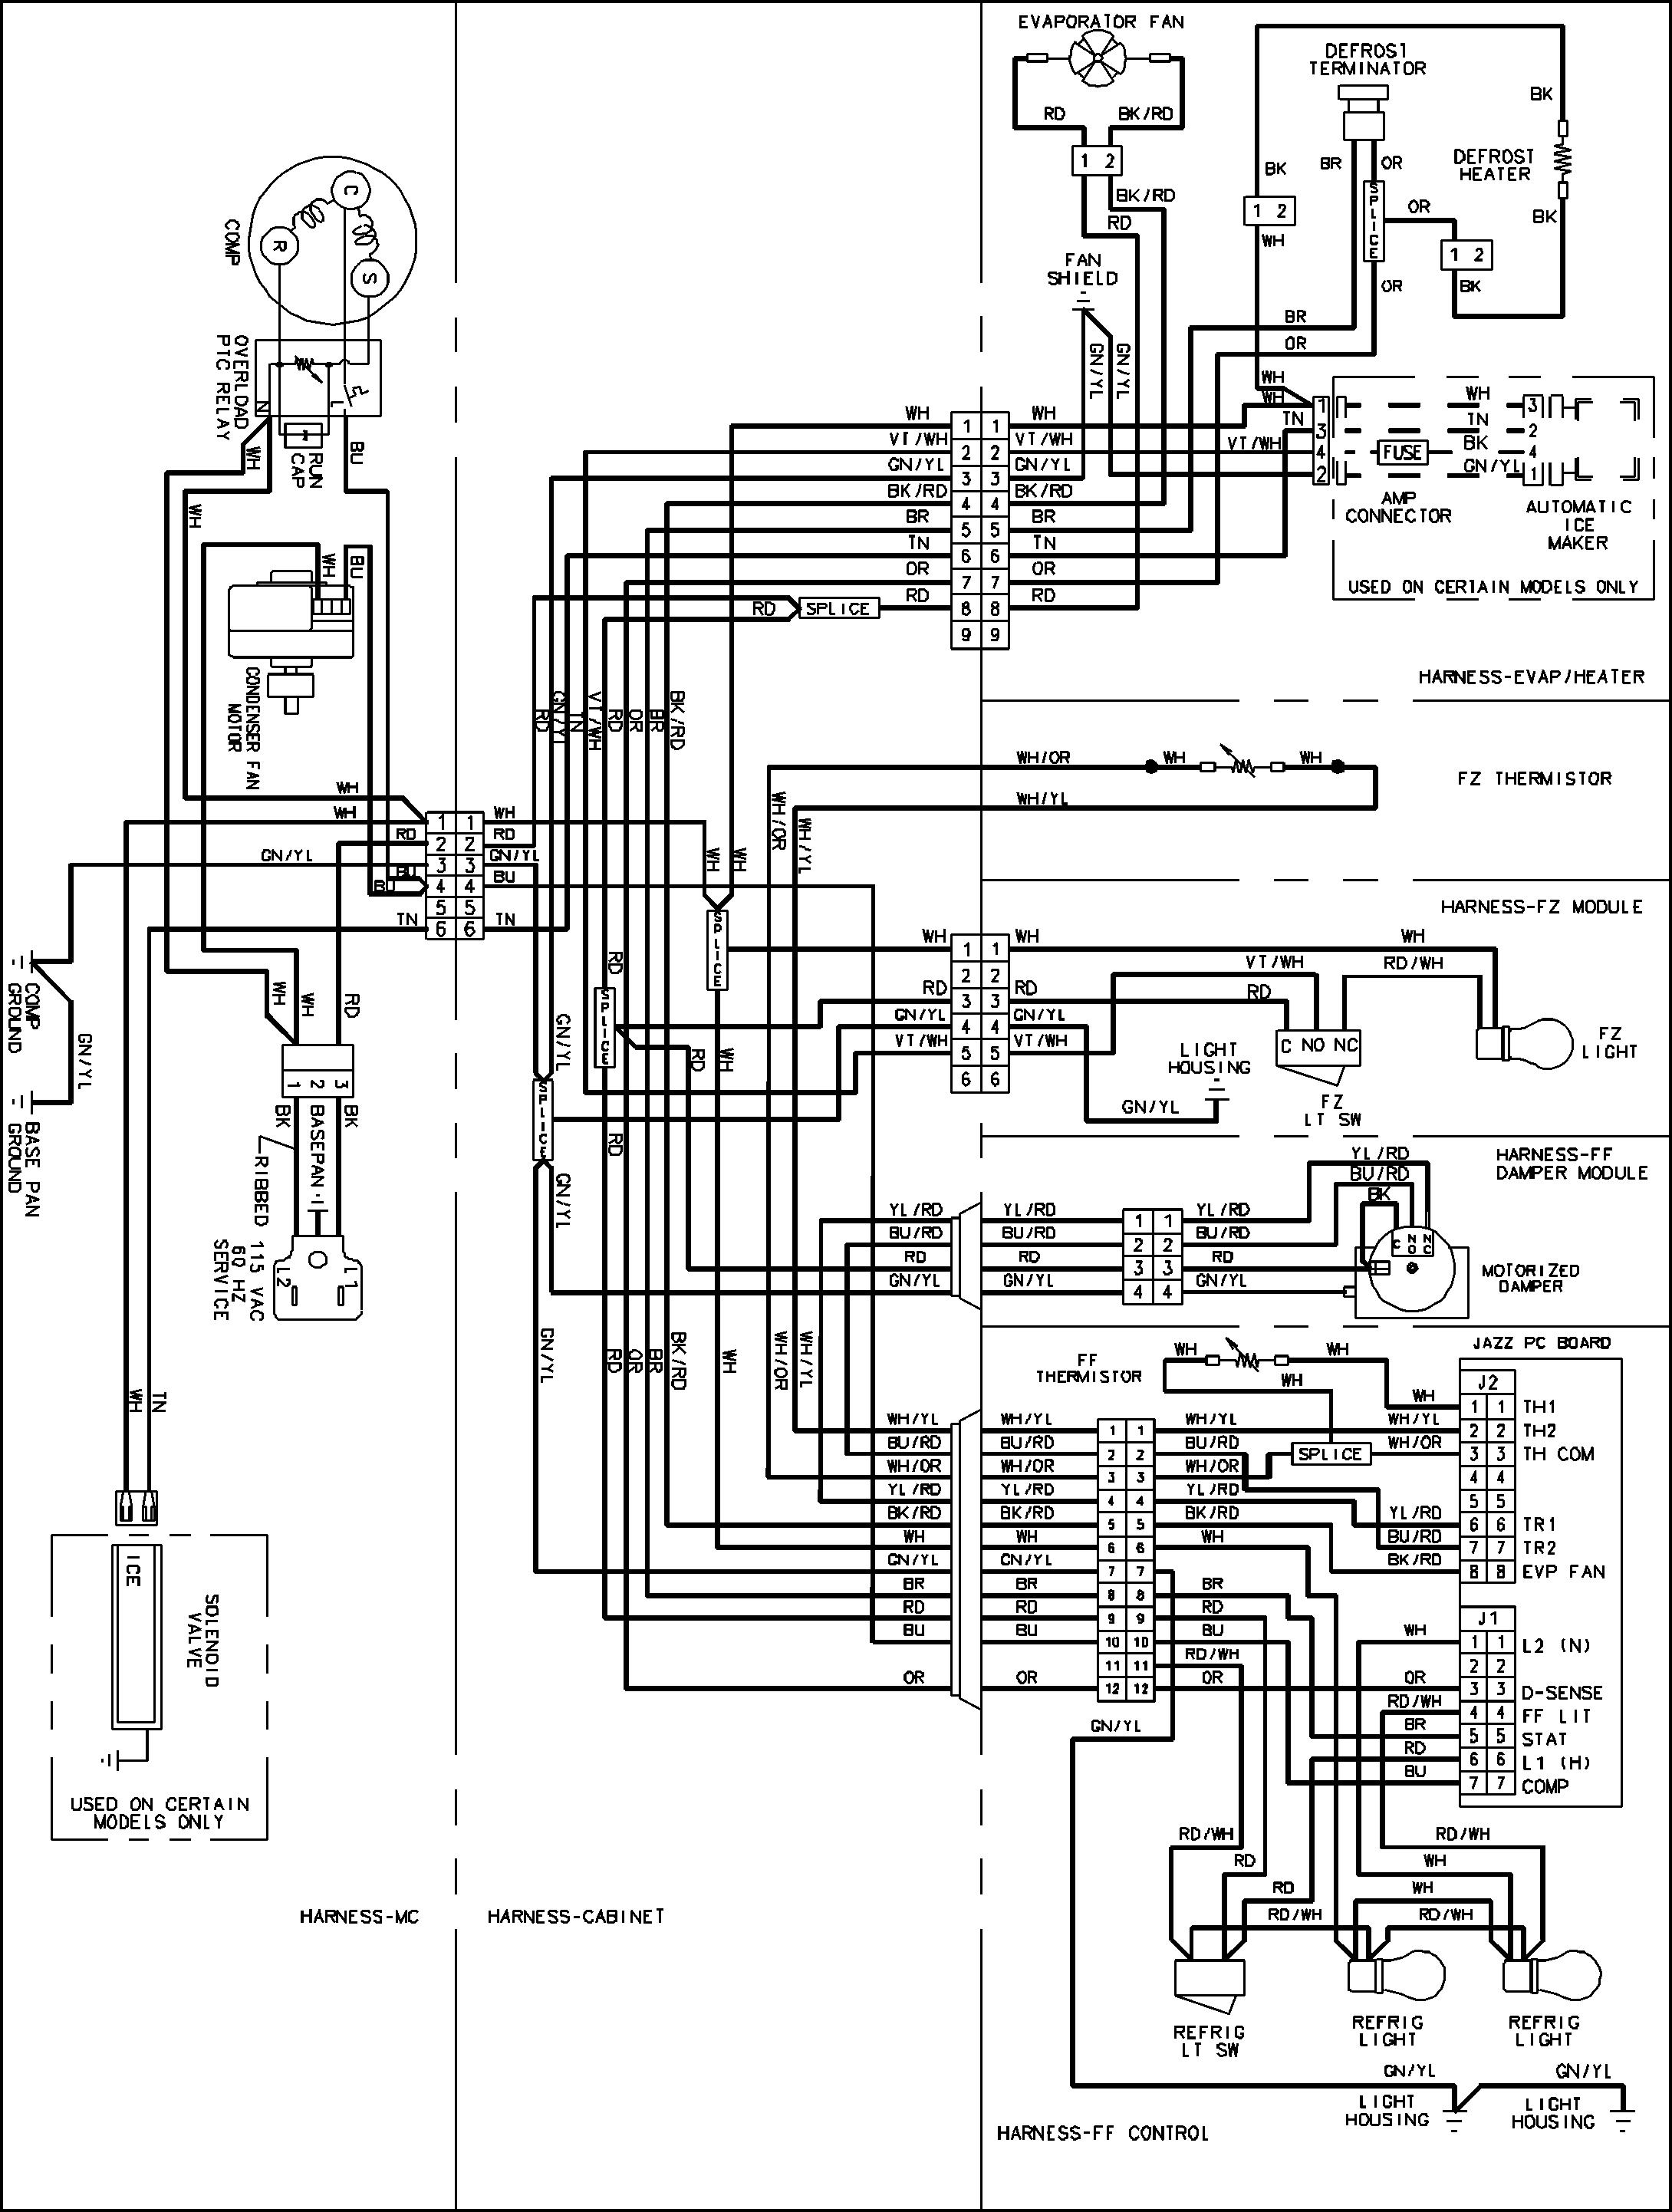 Mde7400ayw Wiring Diagram : 25 Wiring Diagram Images